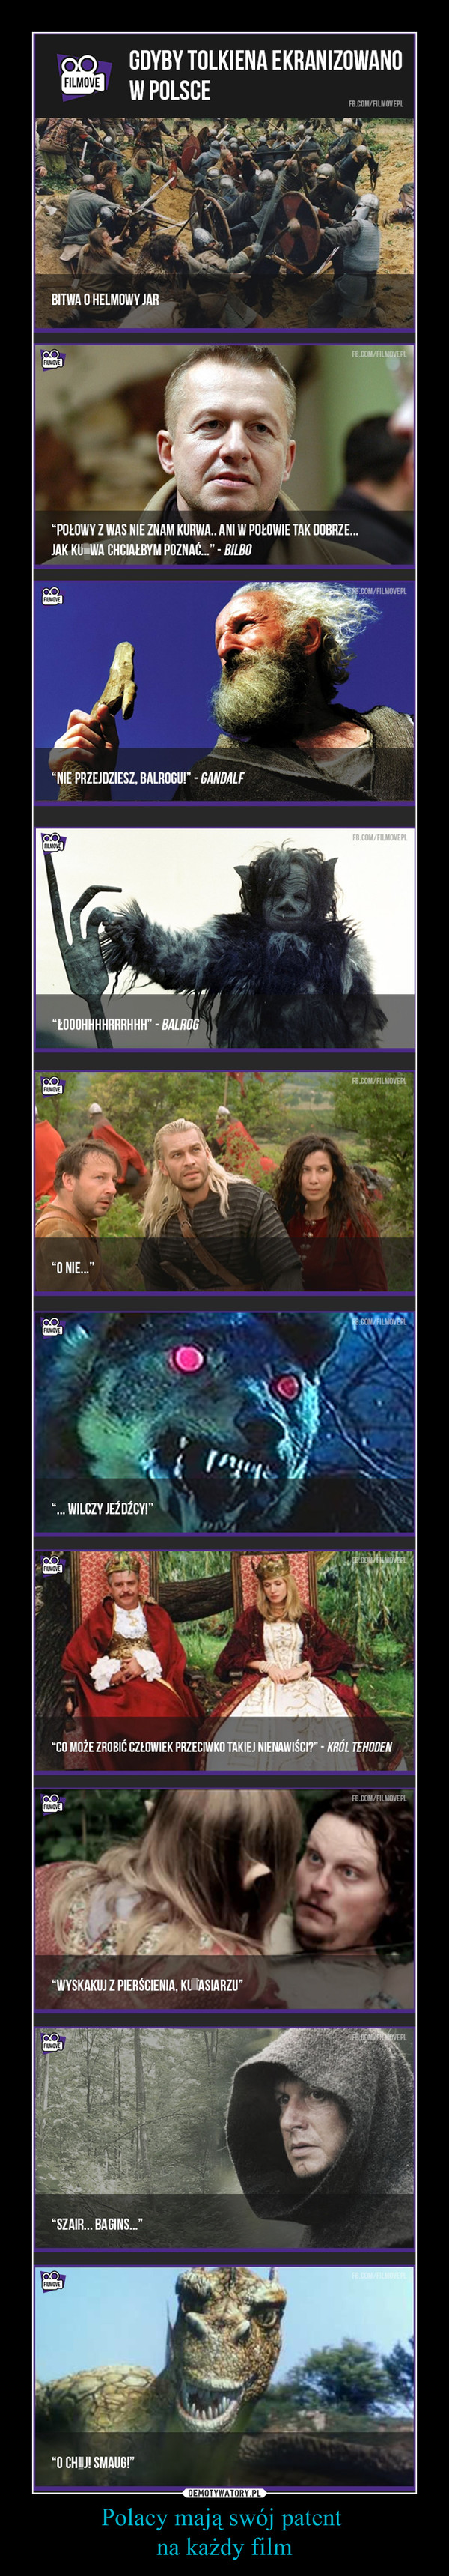 Polacy mają swój patent na każdy film –